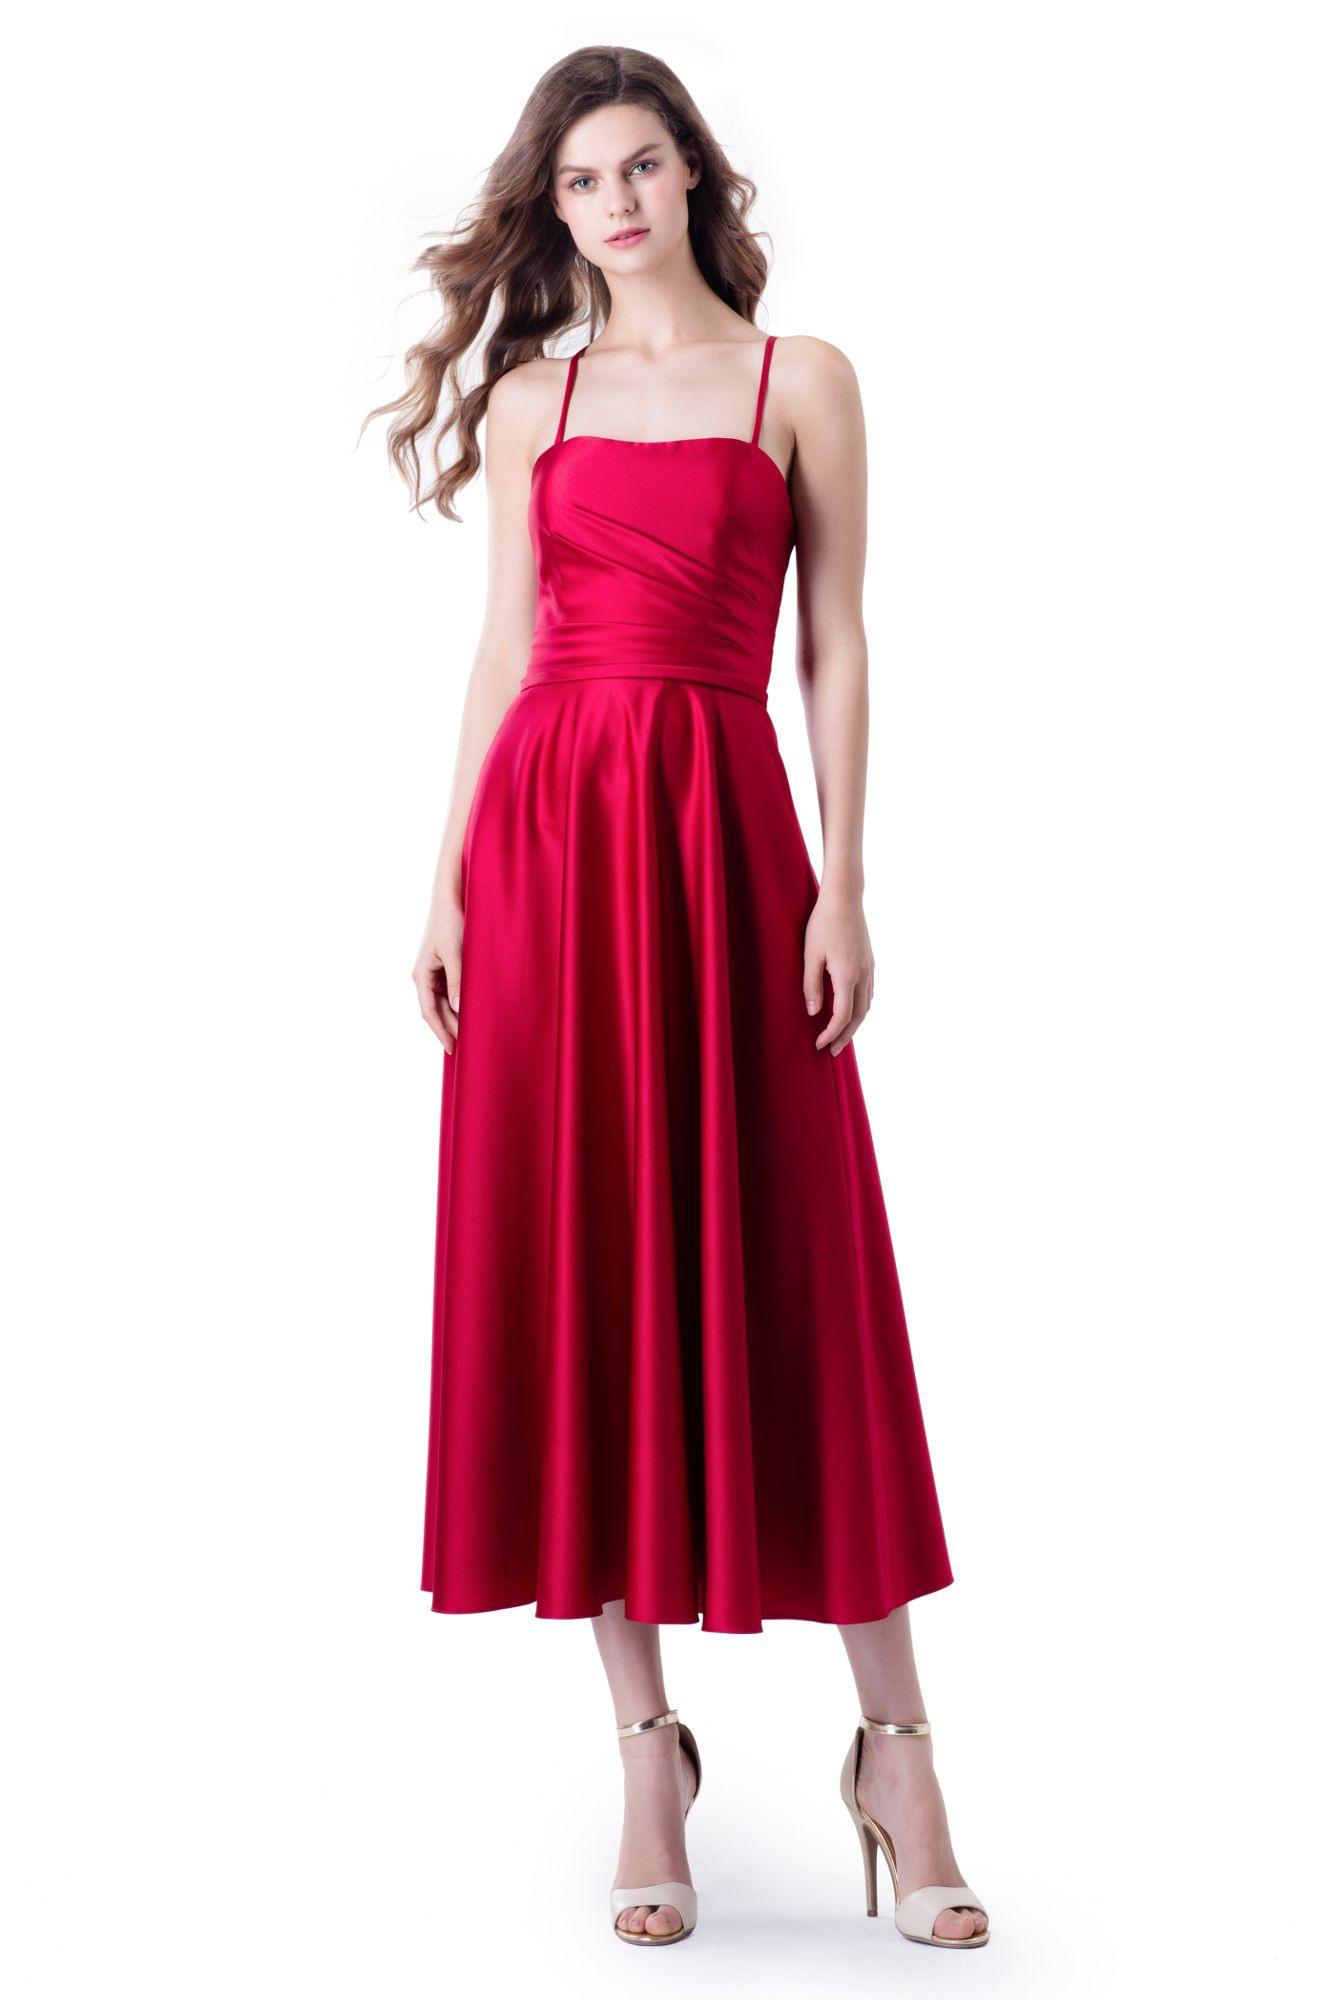 Midi Corsagenkleid Aus Satin | Kleider, Abendkleid Und